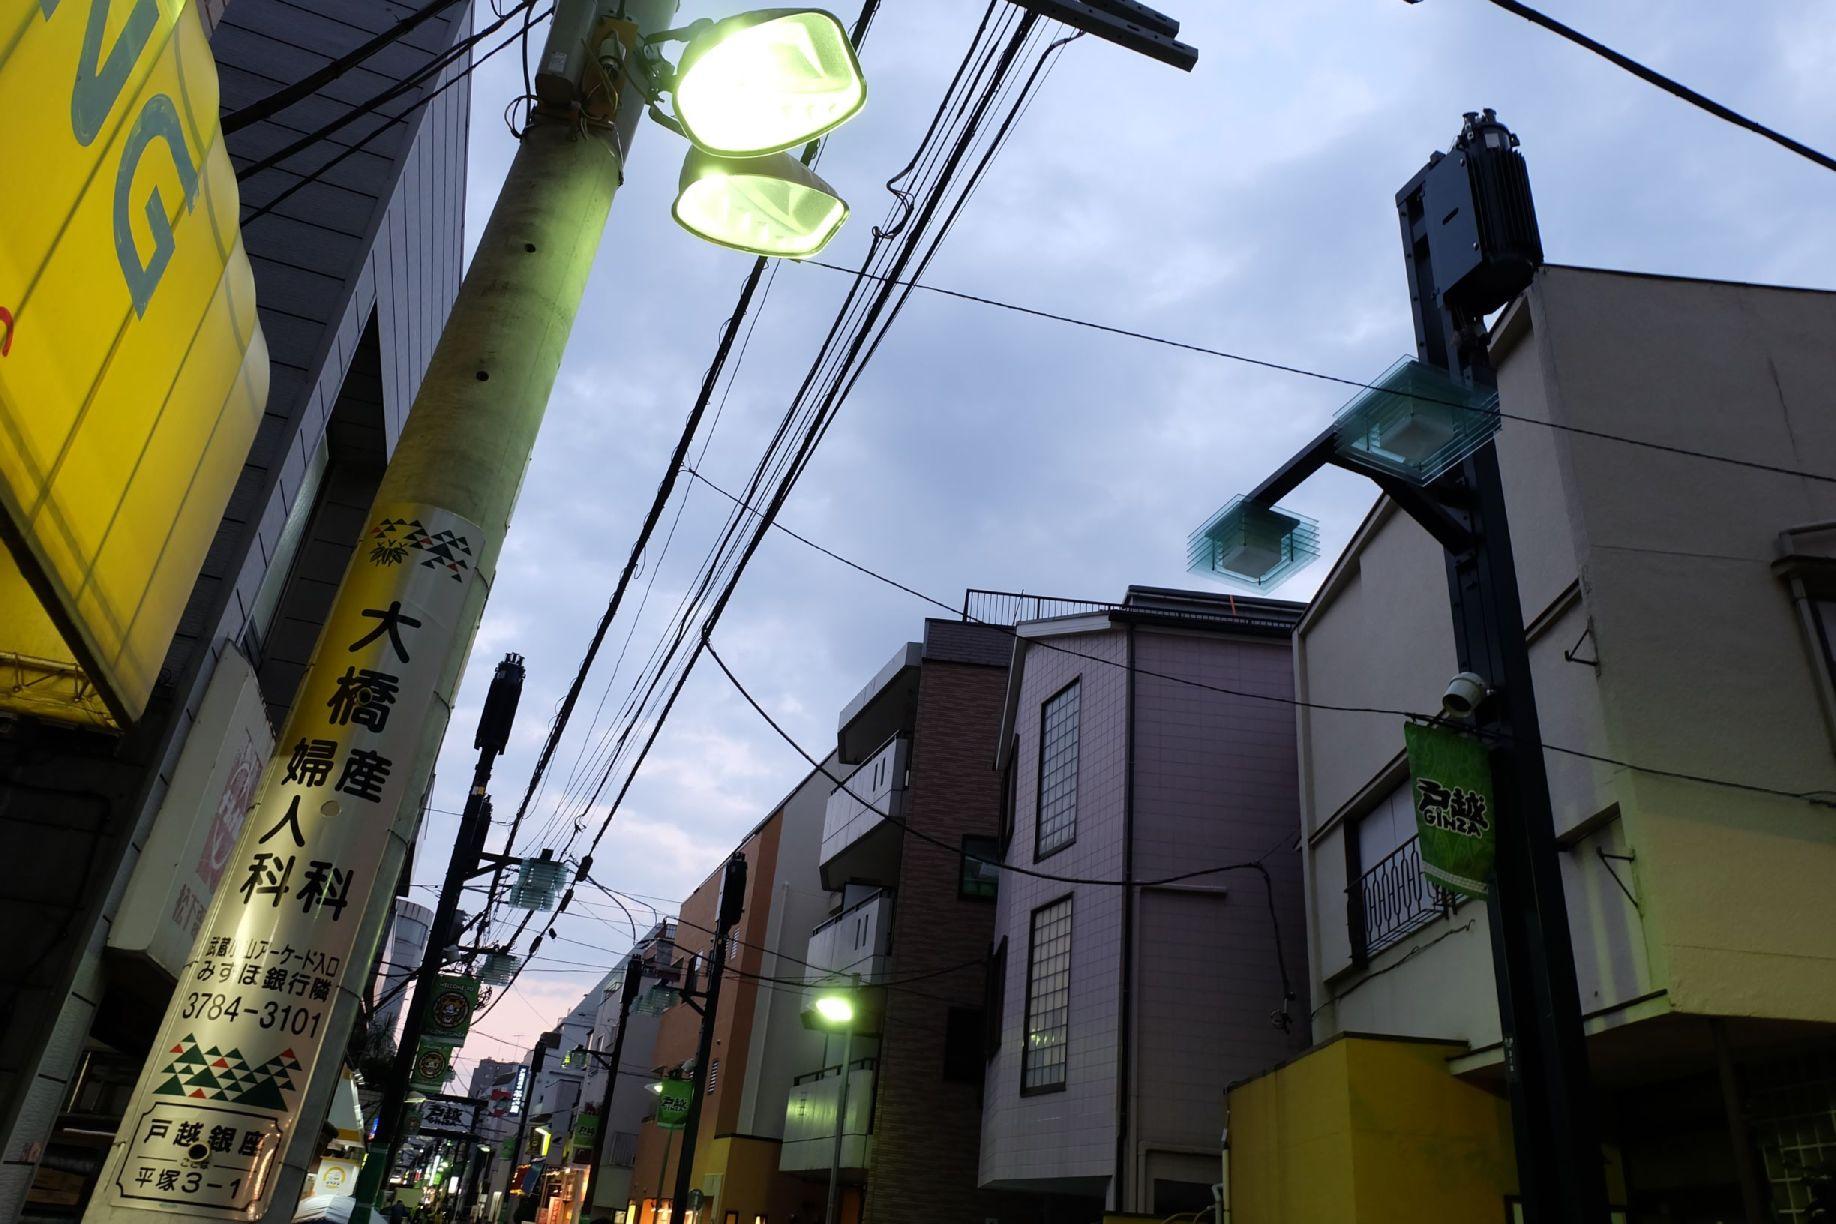 混在する2種類の街路灯